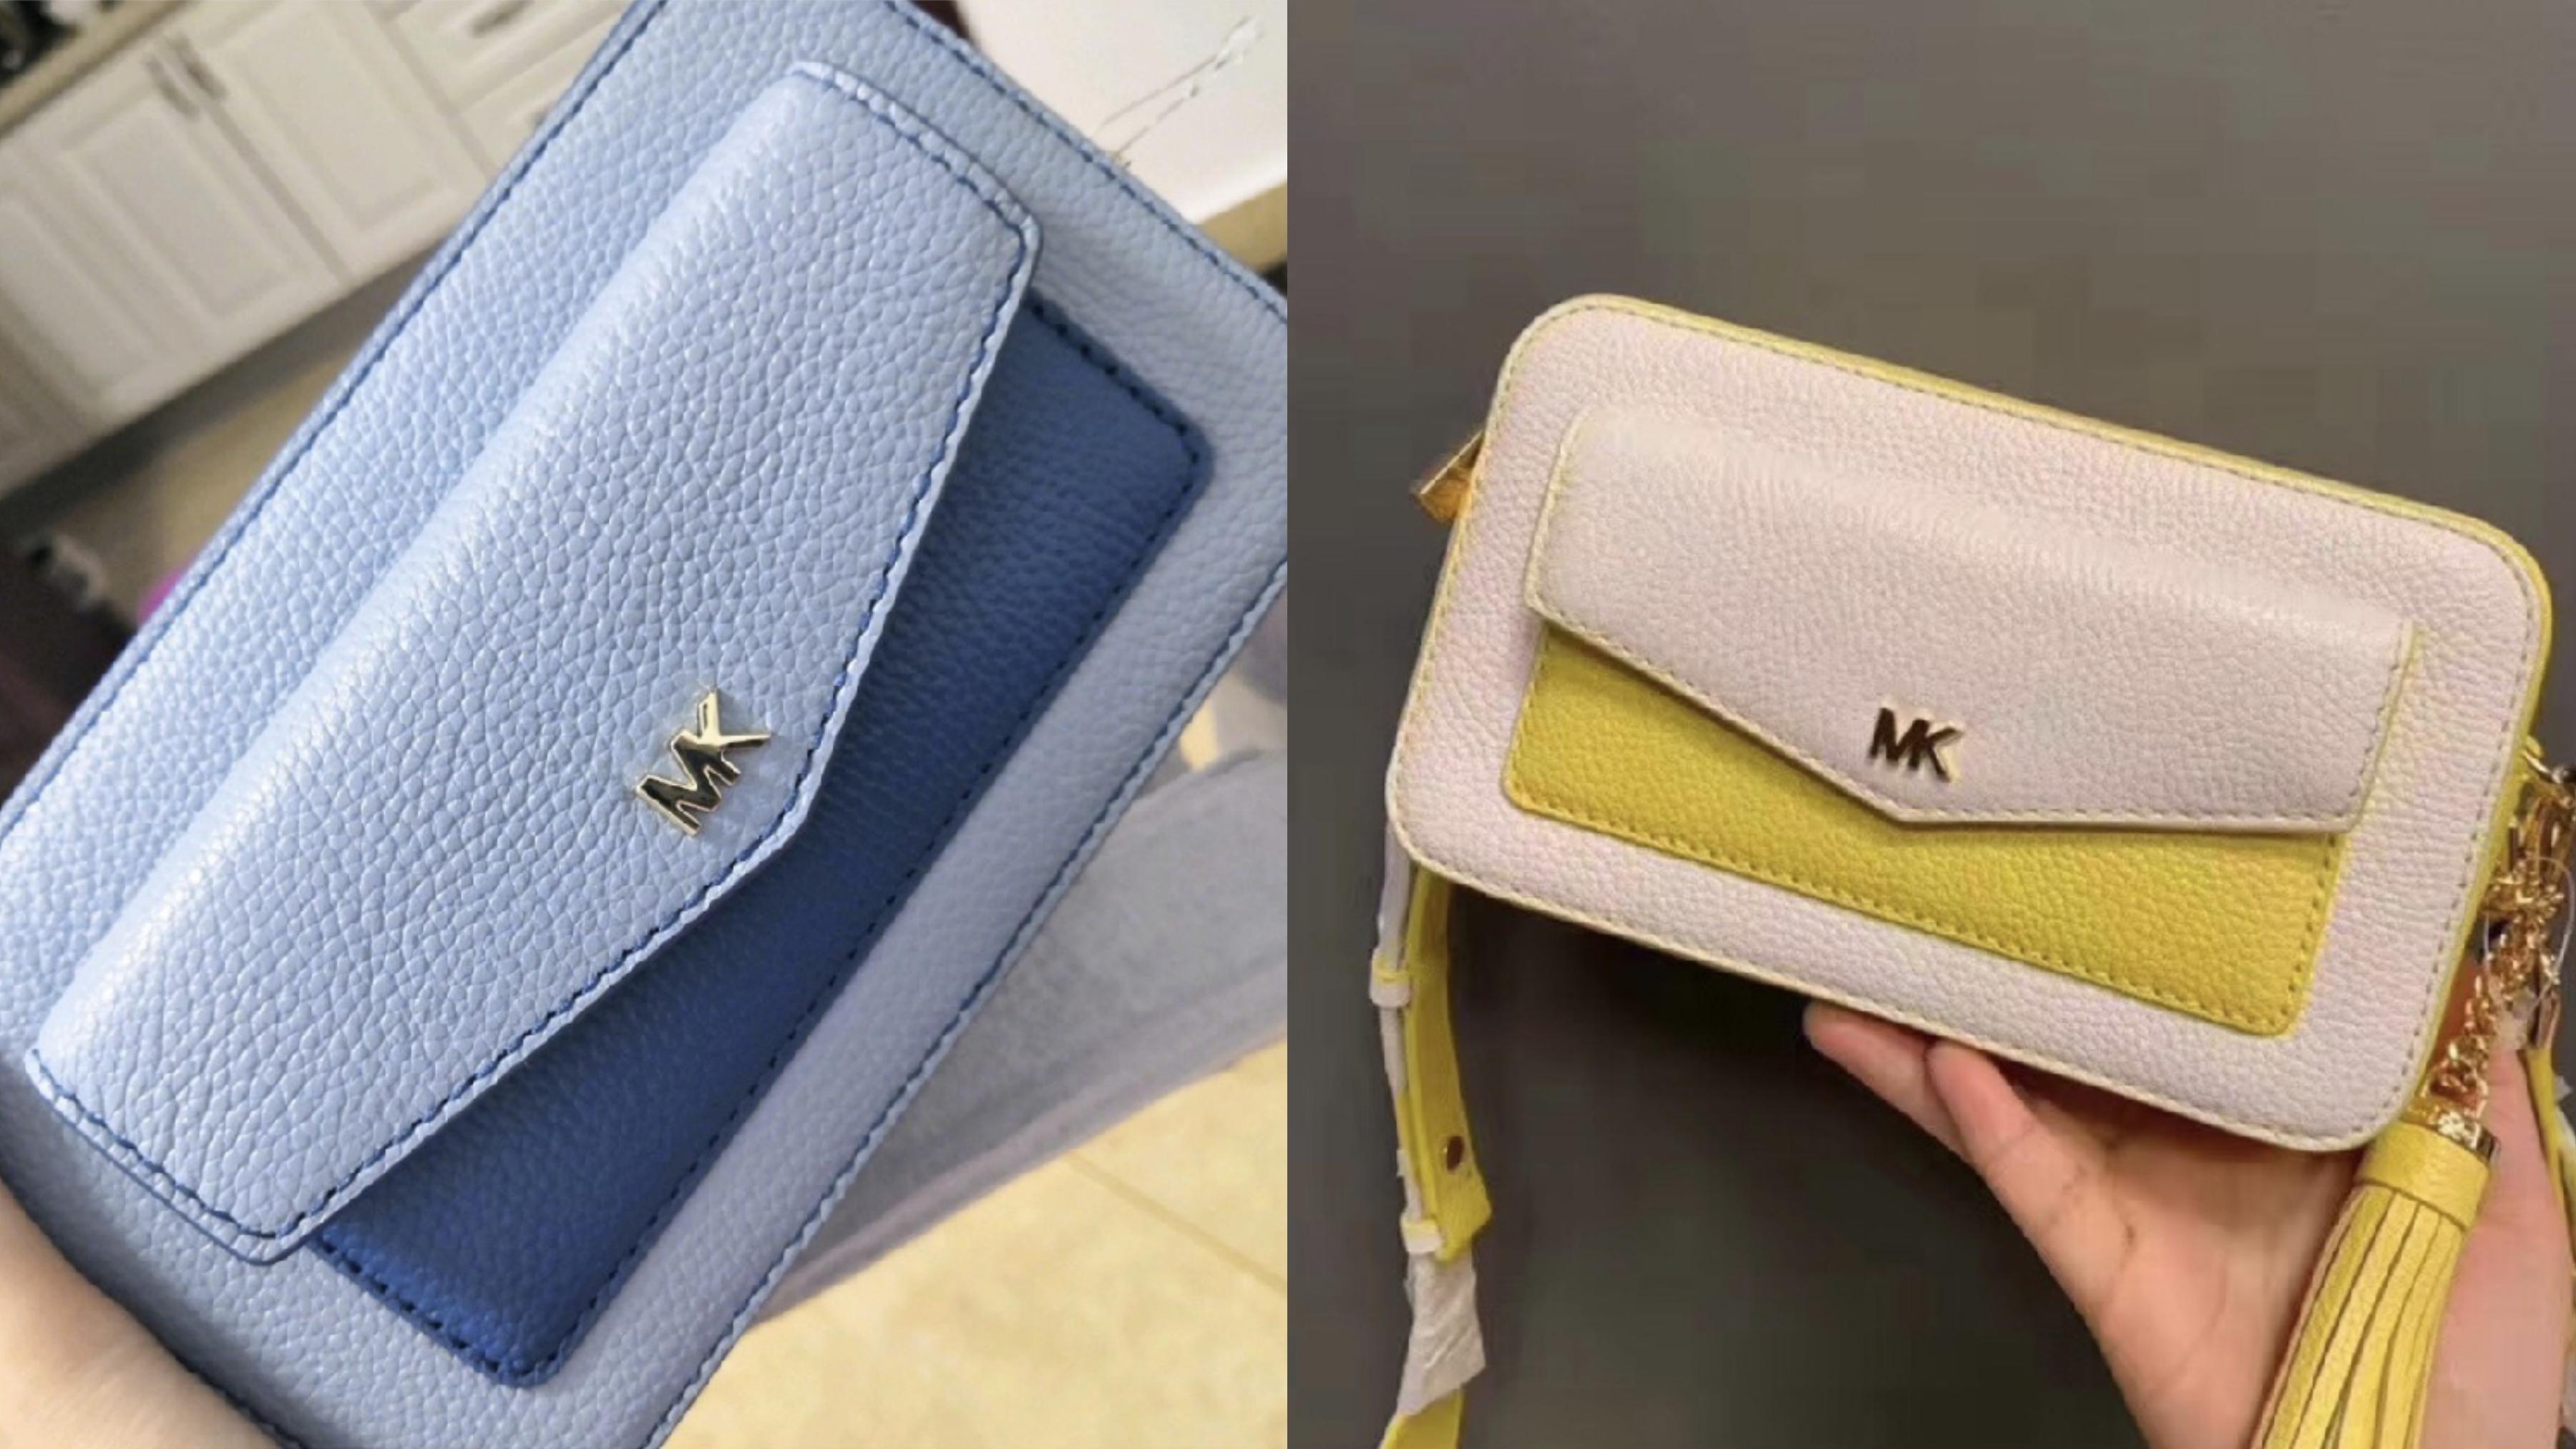 經典金屬MK LOGO造型加上雙色拼接牛皮,搭配帆布內襯,可斜背也可拆背帶當手拿,是近年最夯的小包